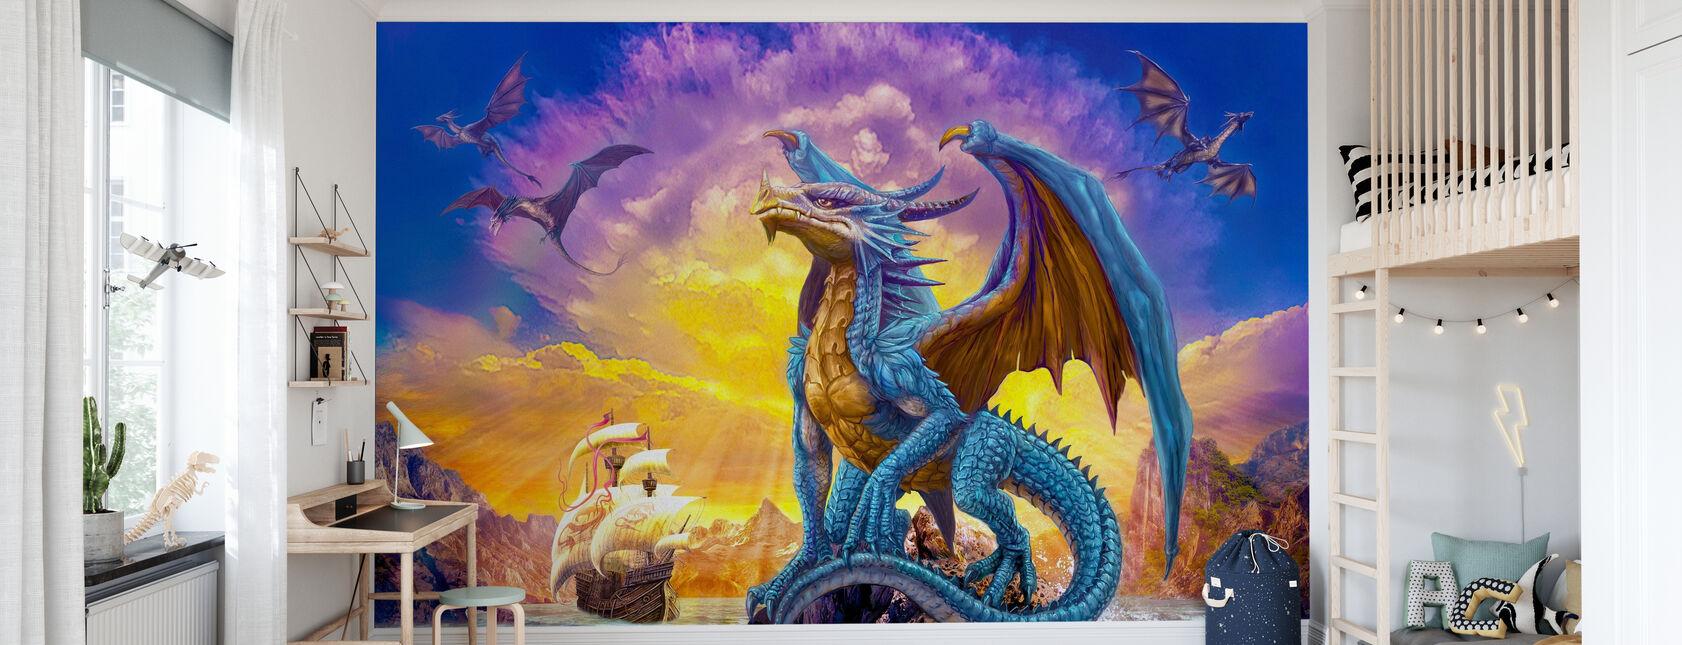 Drachen und Schiff - Tapete - Kinderzimmer